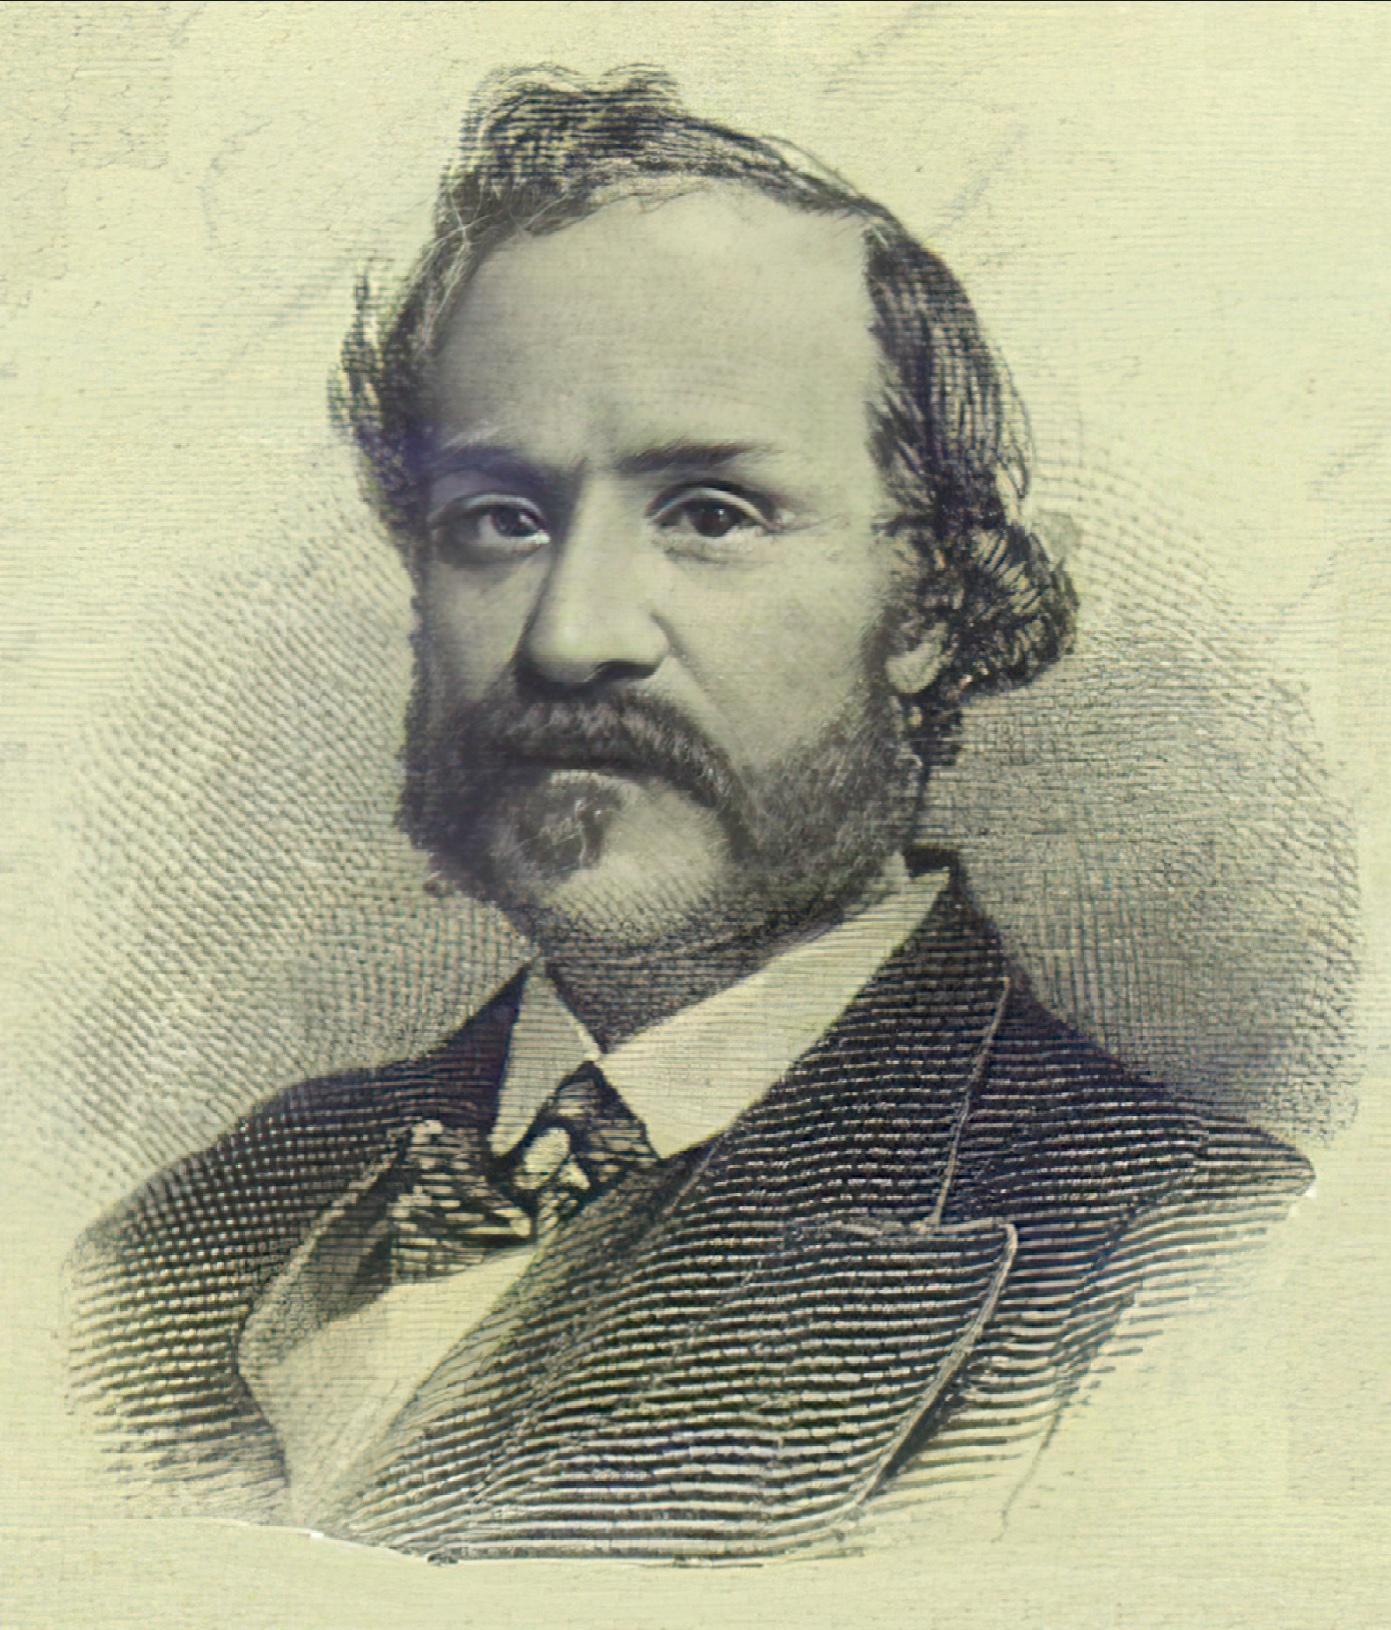 John W. Keely